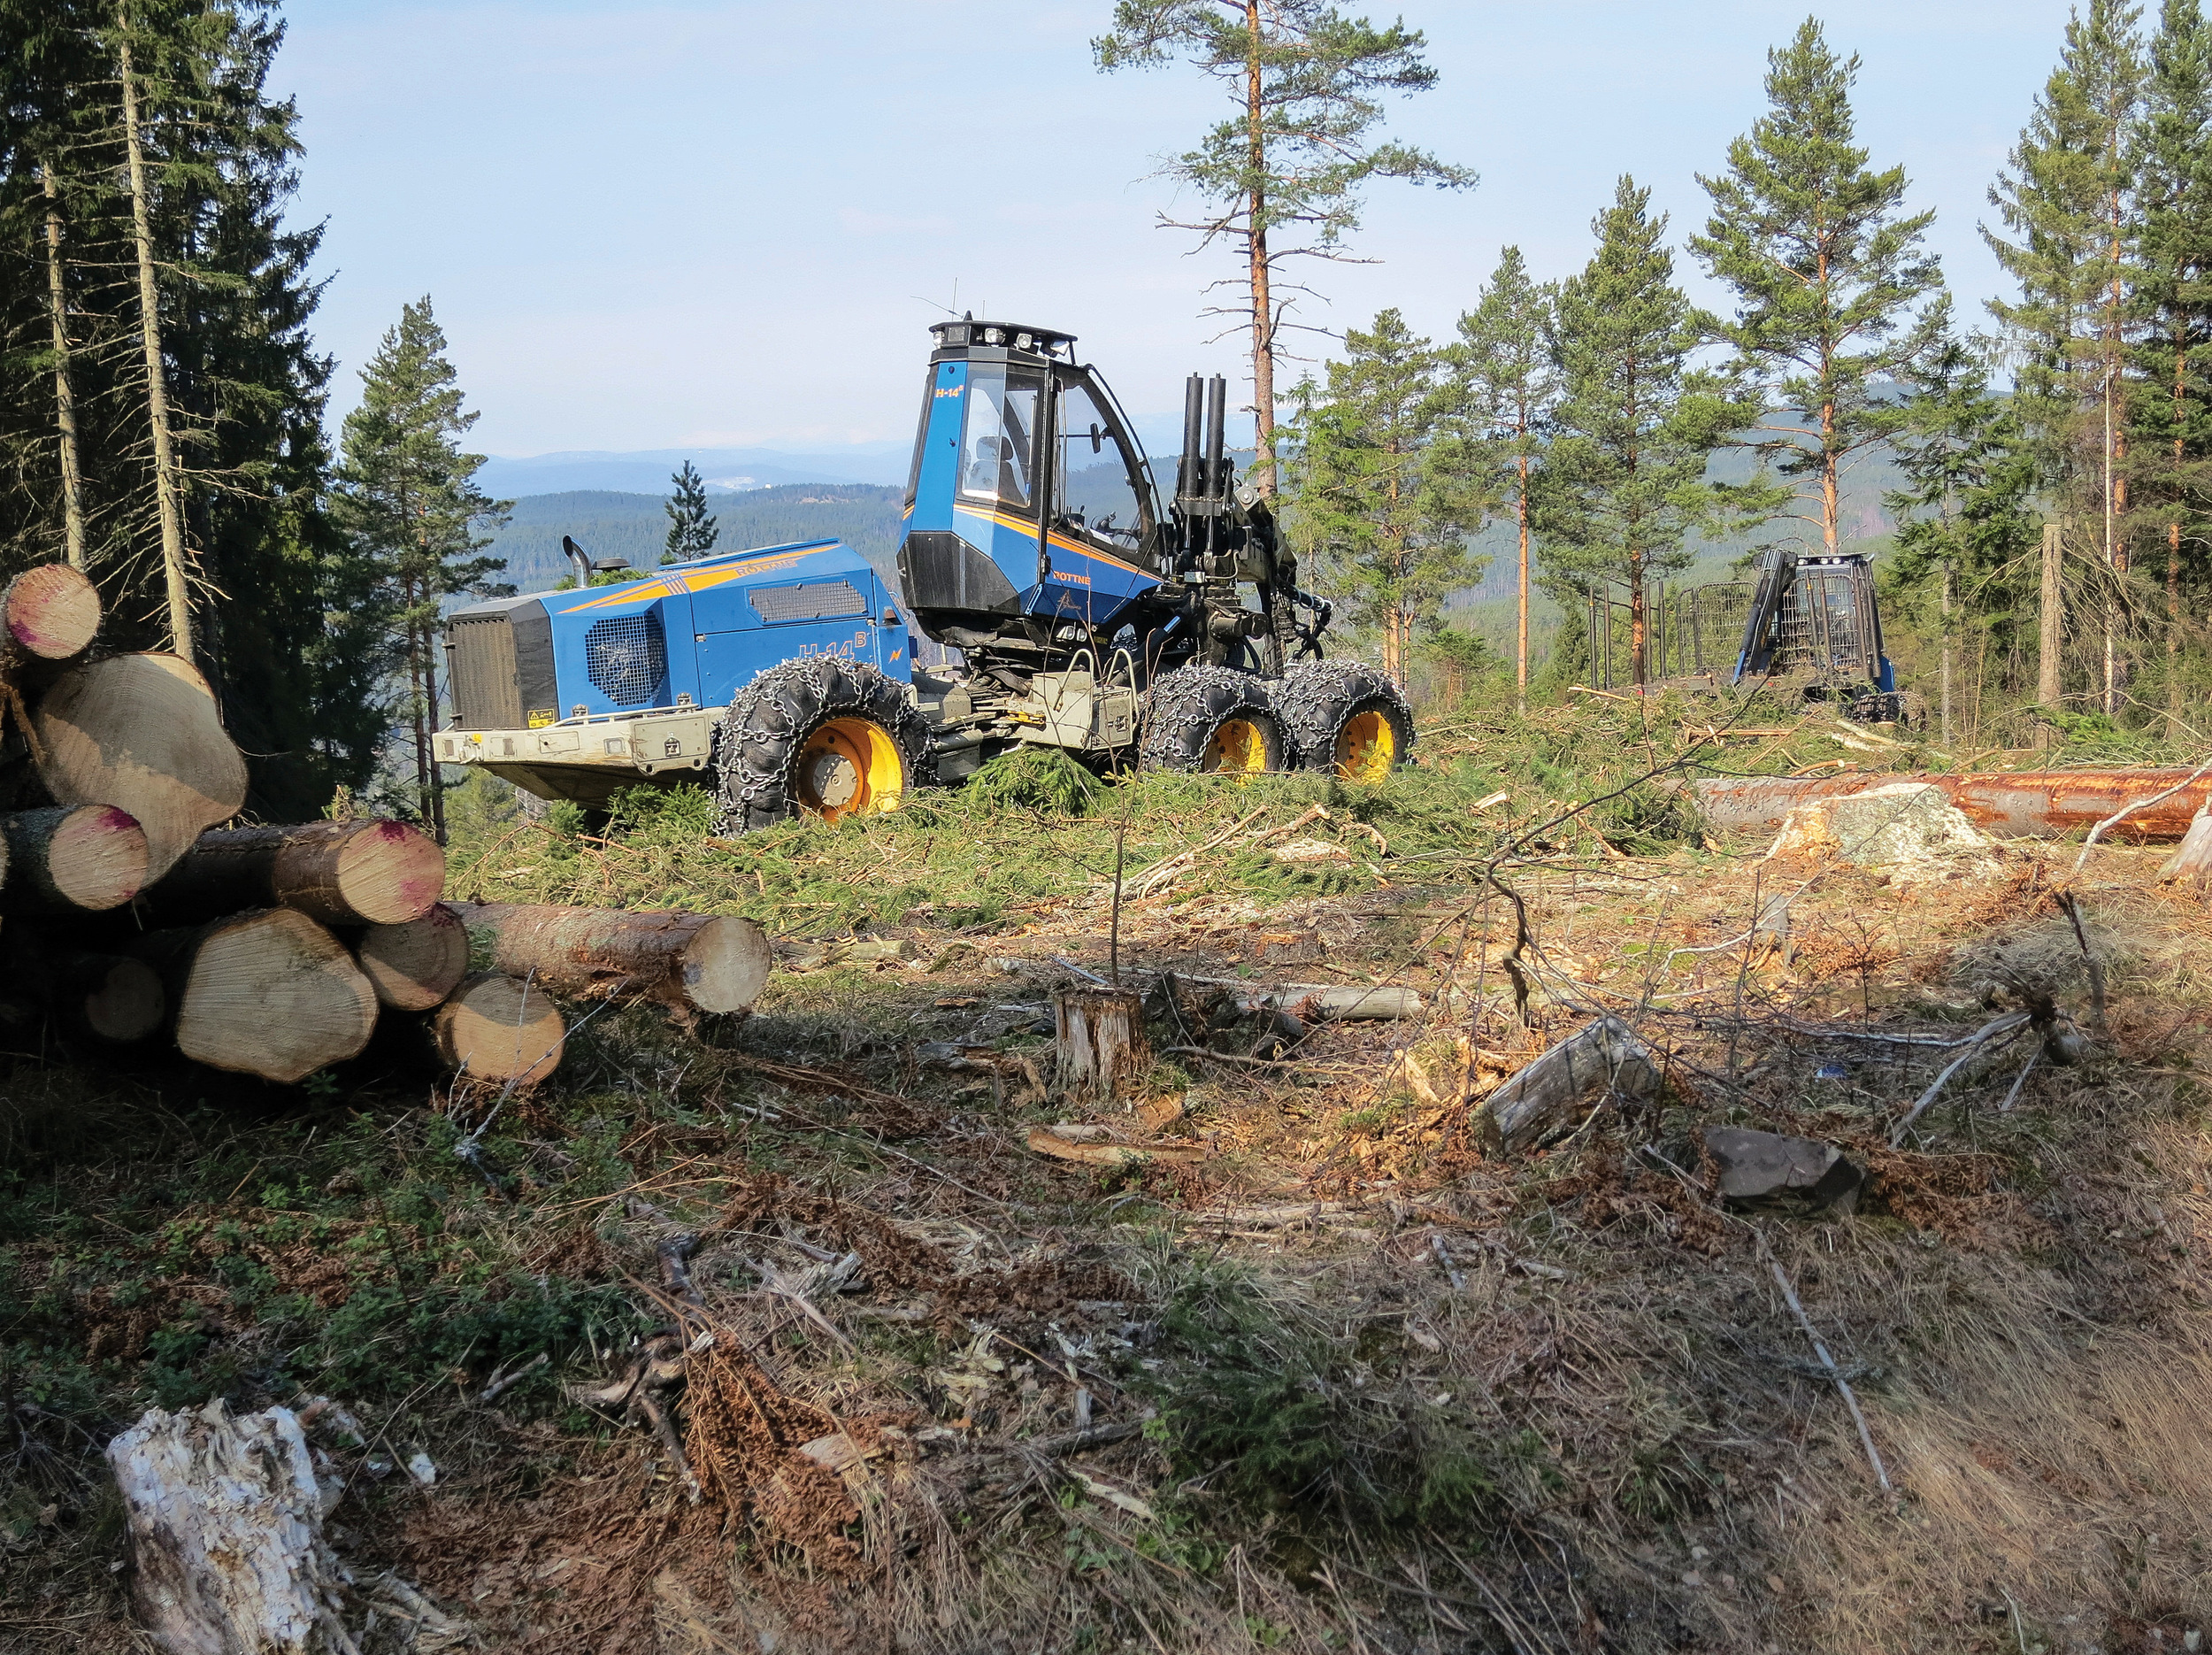 I 2016 ble det avvirket 10,35 millioner kubikkmeter industrivirke, det største volumet siden toppåret 1989-1990. Ringerike, Buskerud. Foto: John Yngvar Larsson, NIBIO